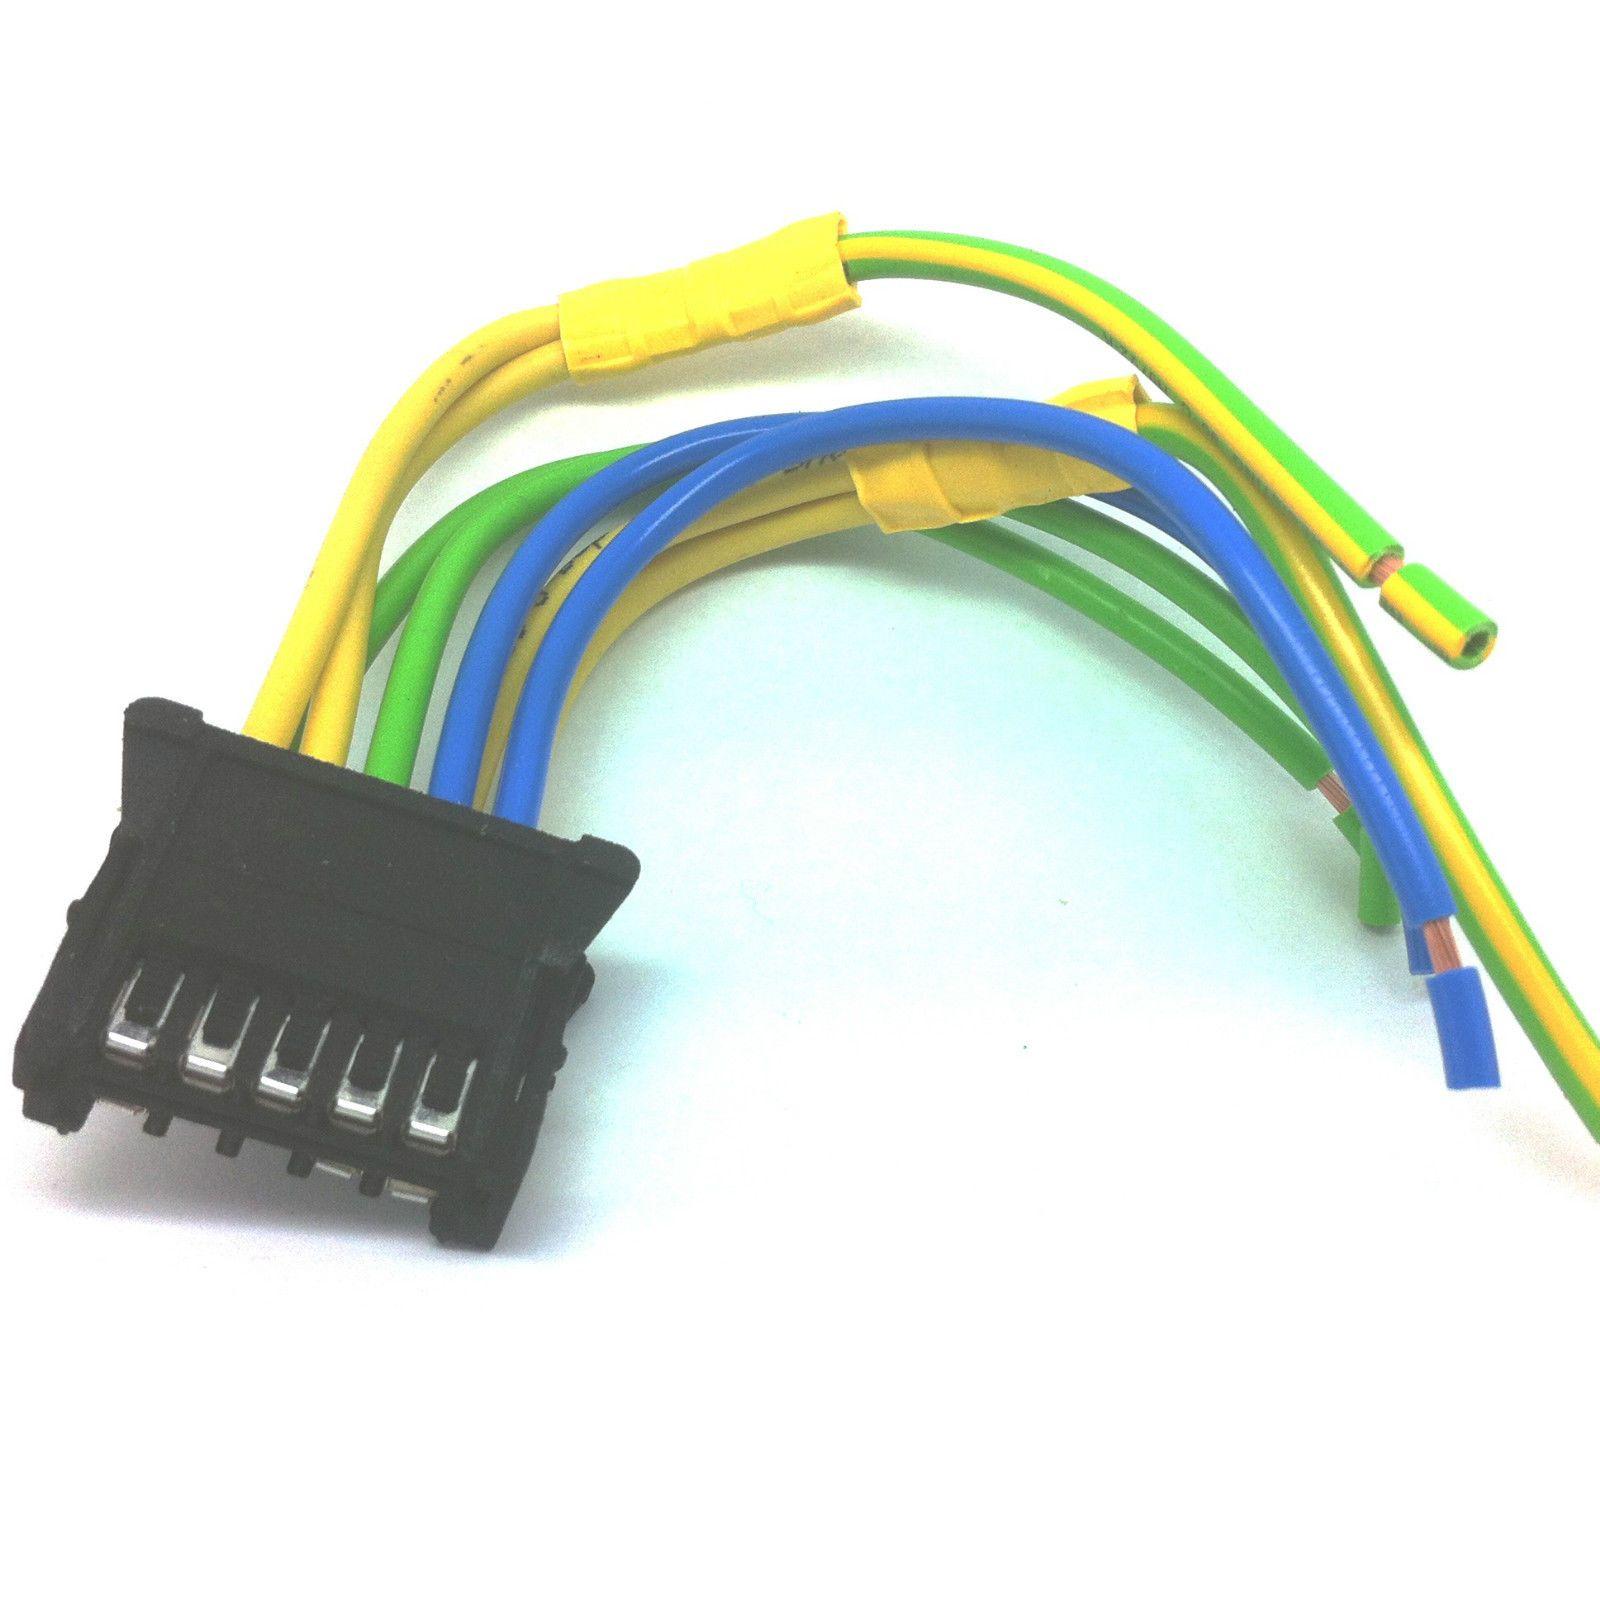 Repair Kit Renault Scenic Ii Megane 2 Heater Blower Resistor Wiring Harness Loom